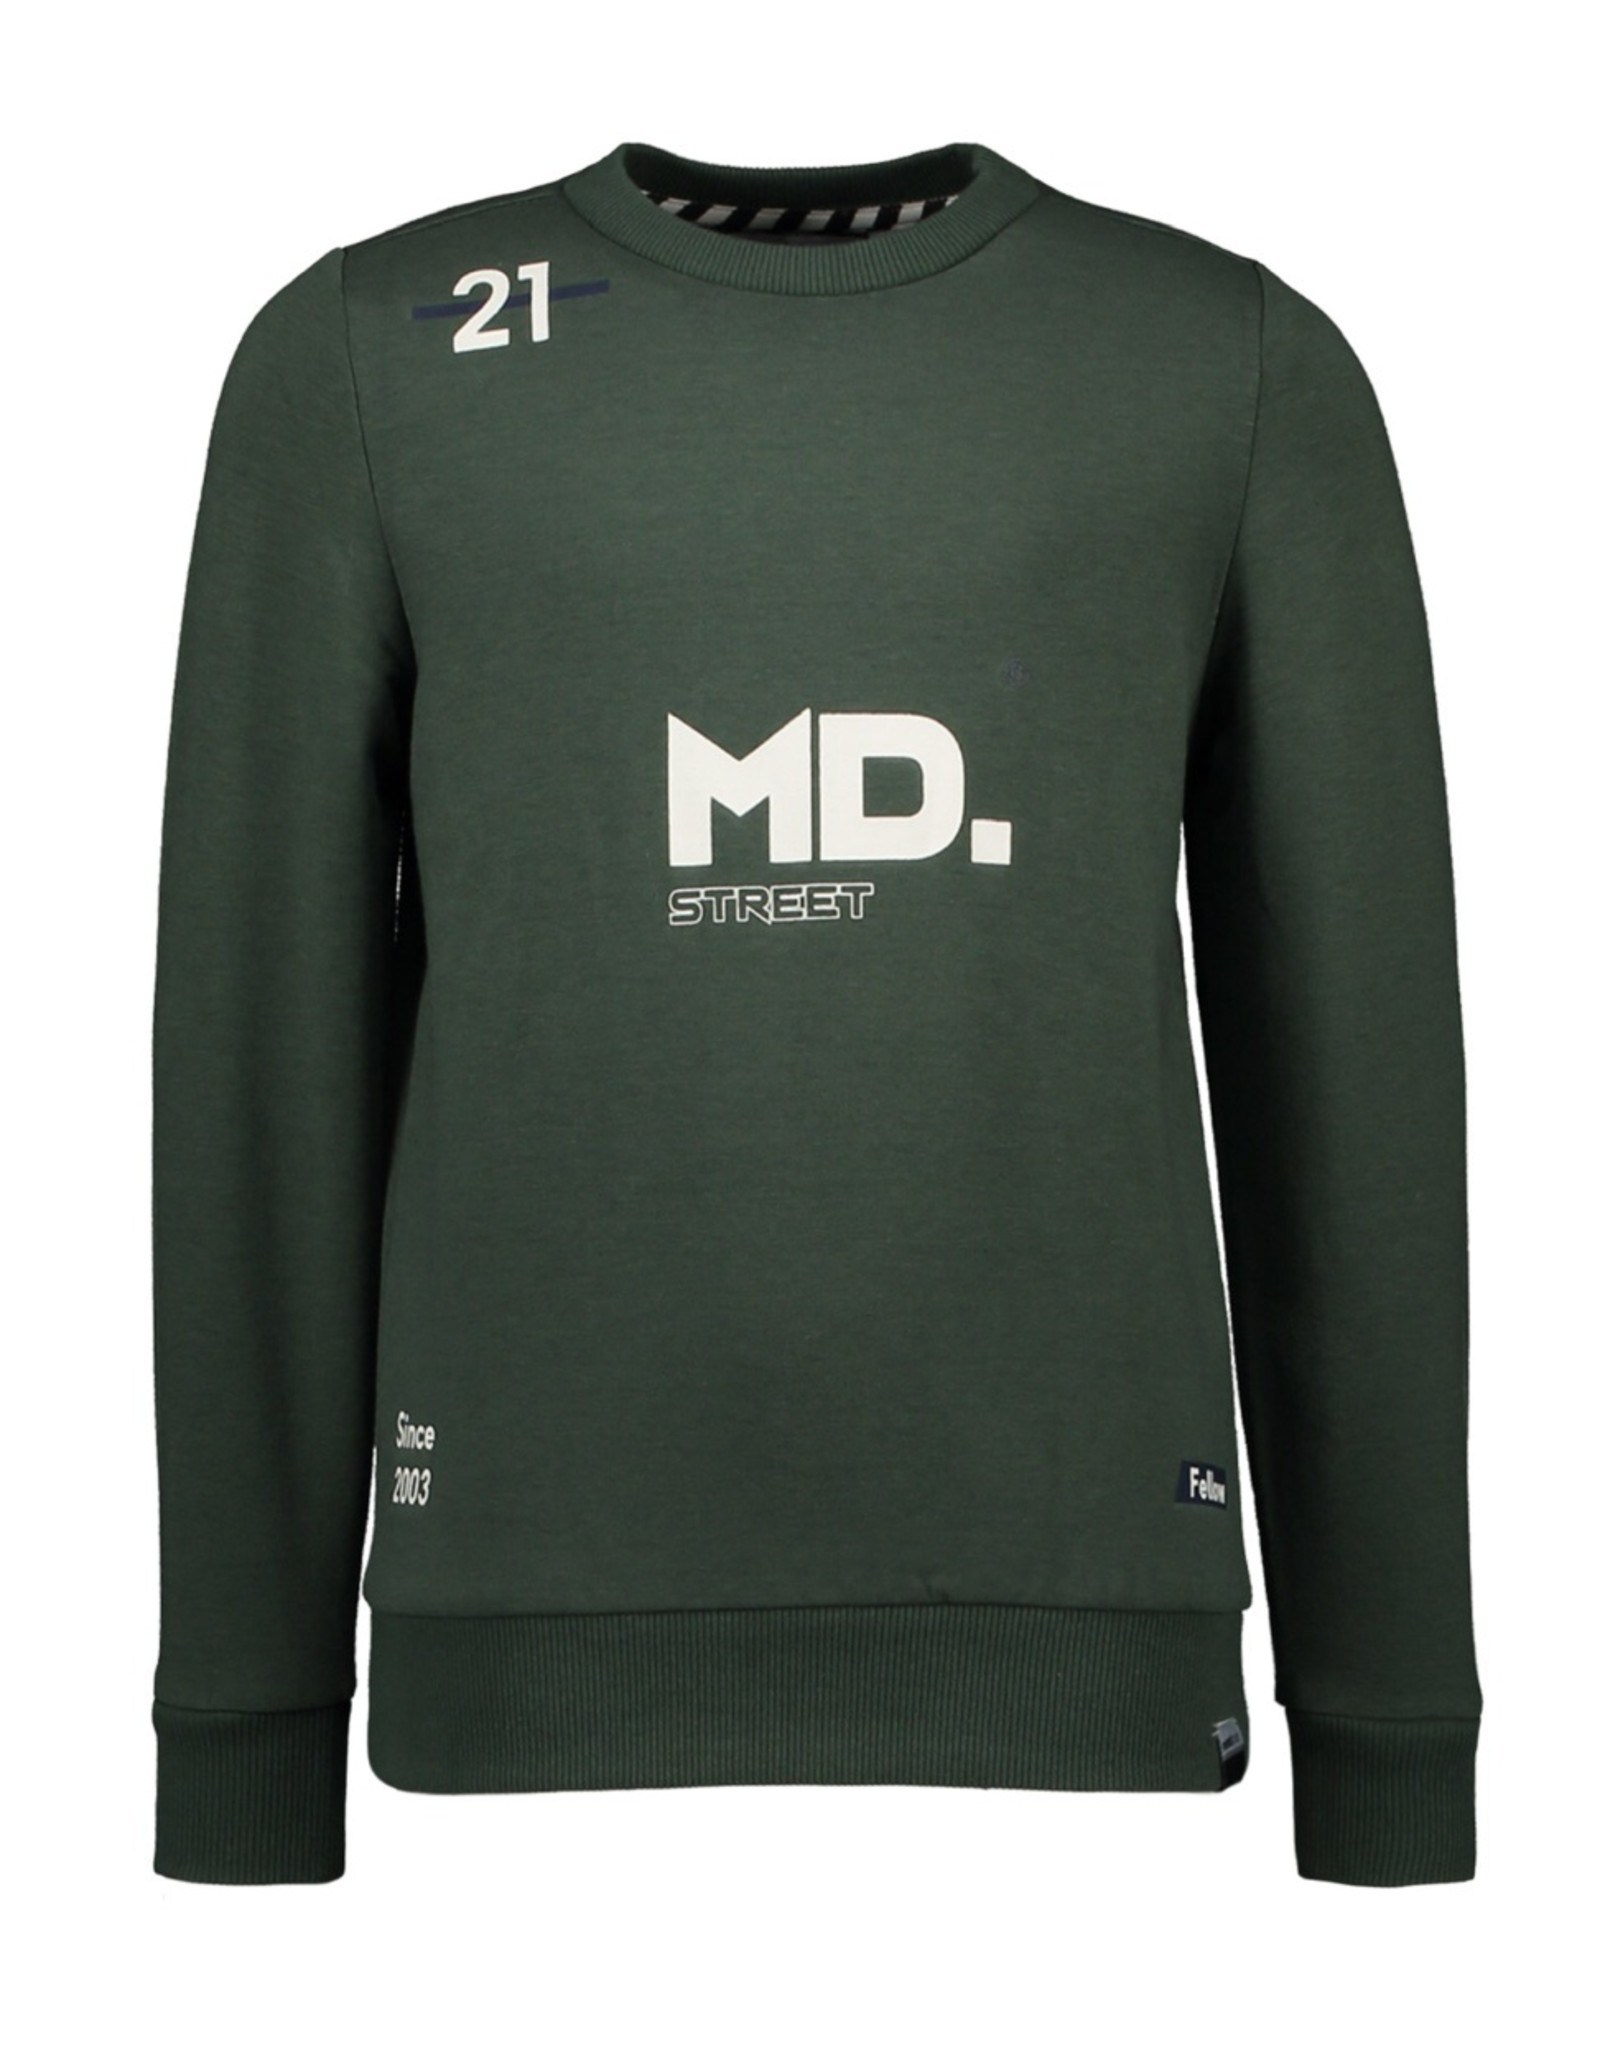 moodstreet M108-6383 Sweater